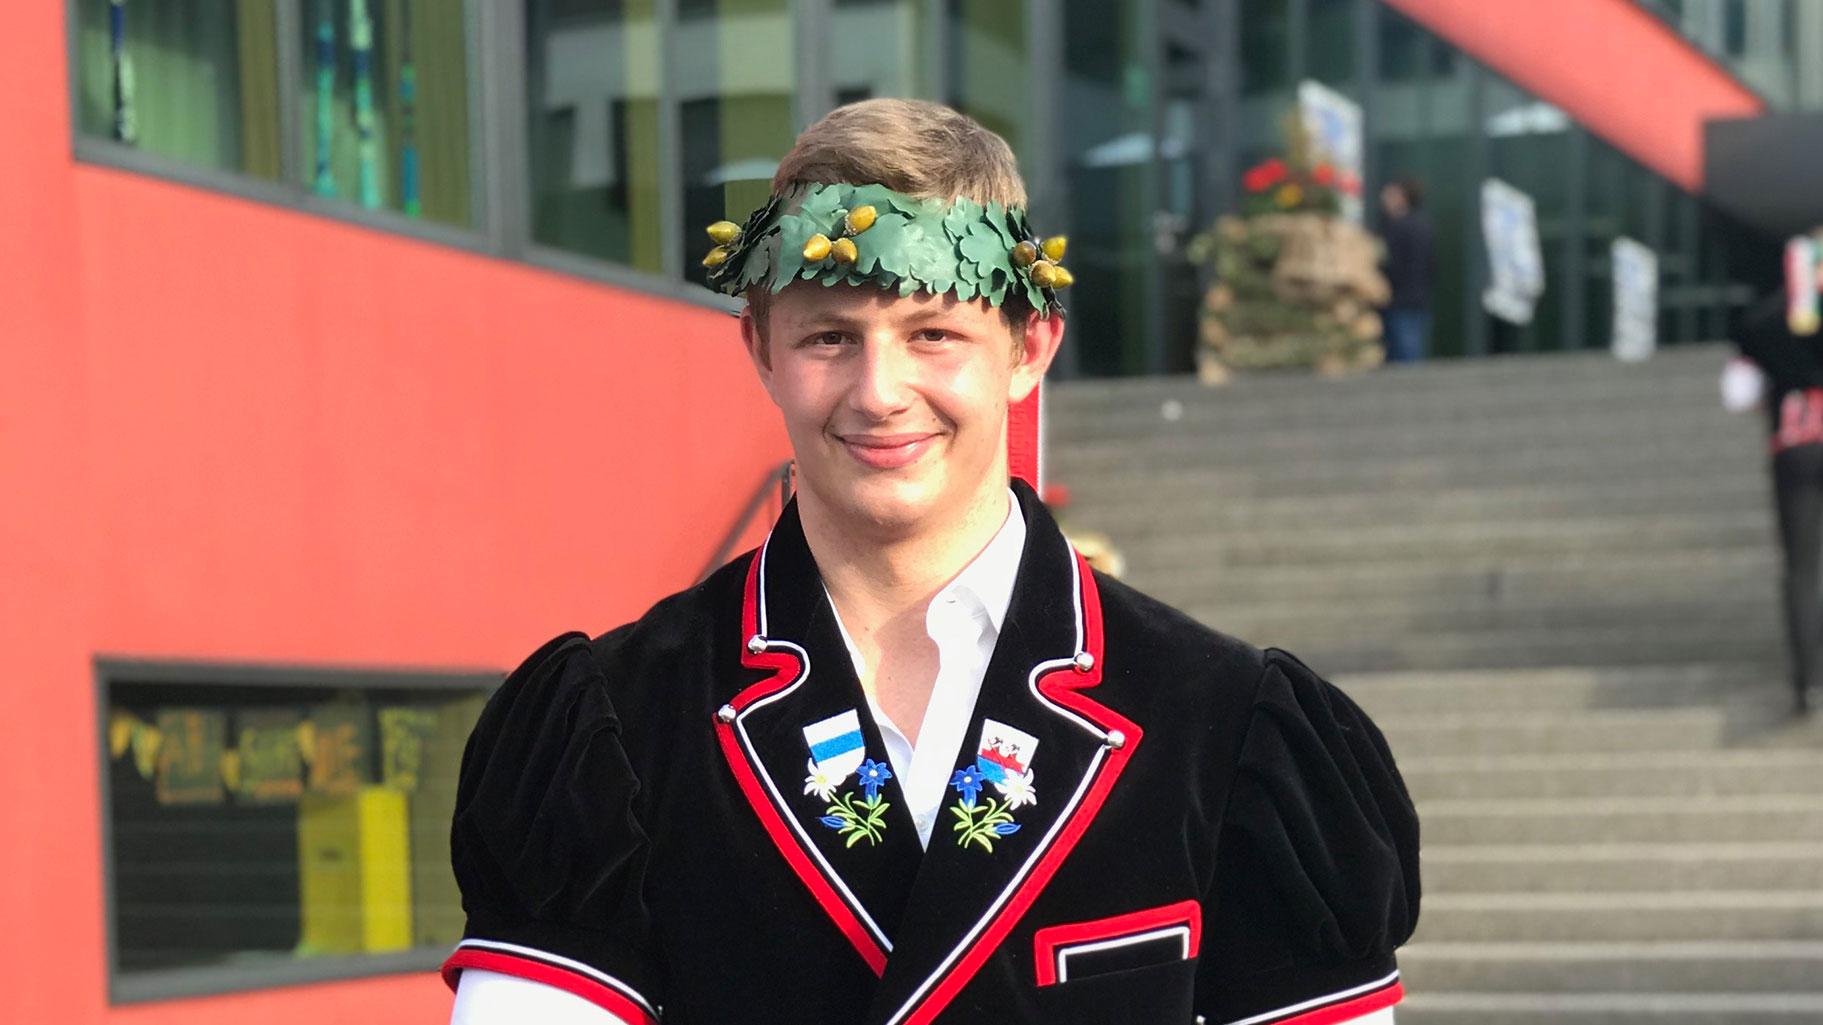 Noe Van Messel